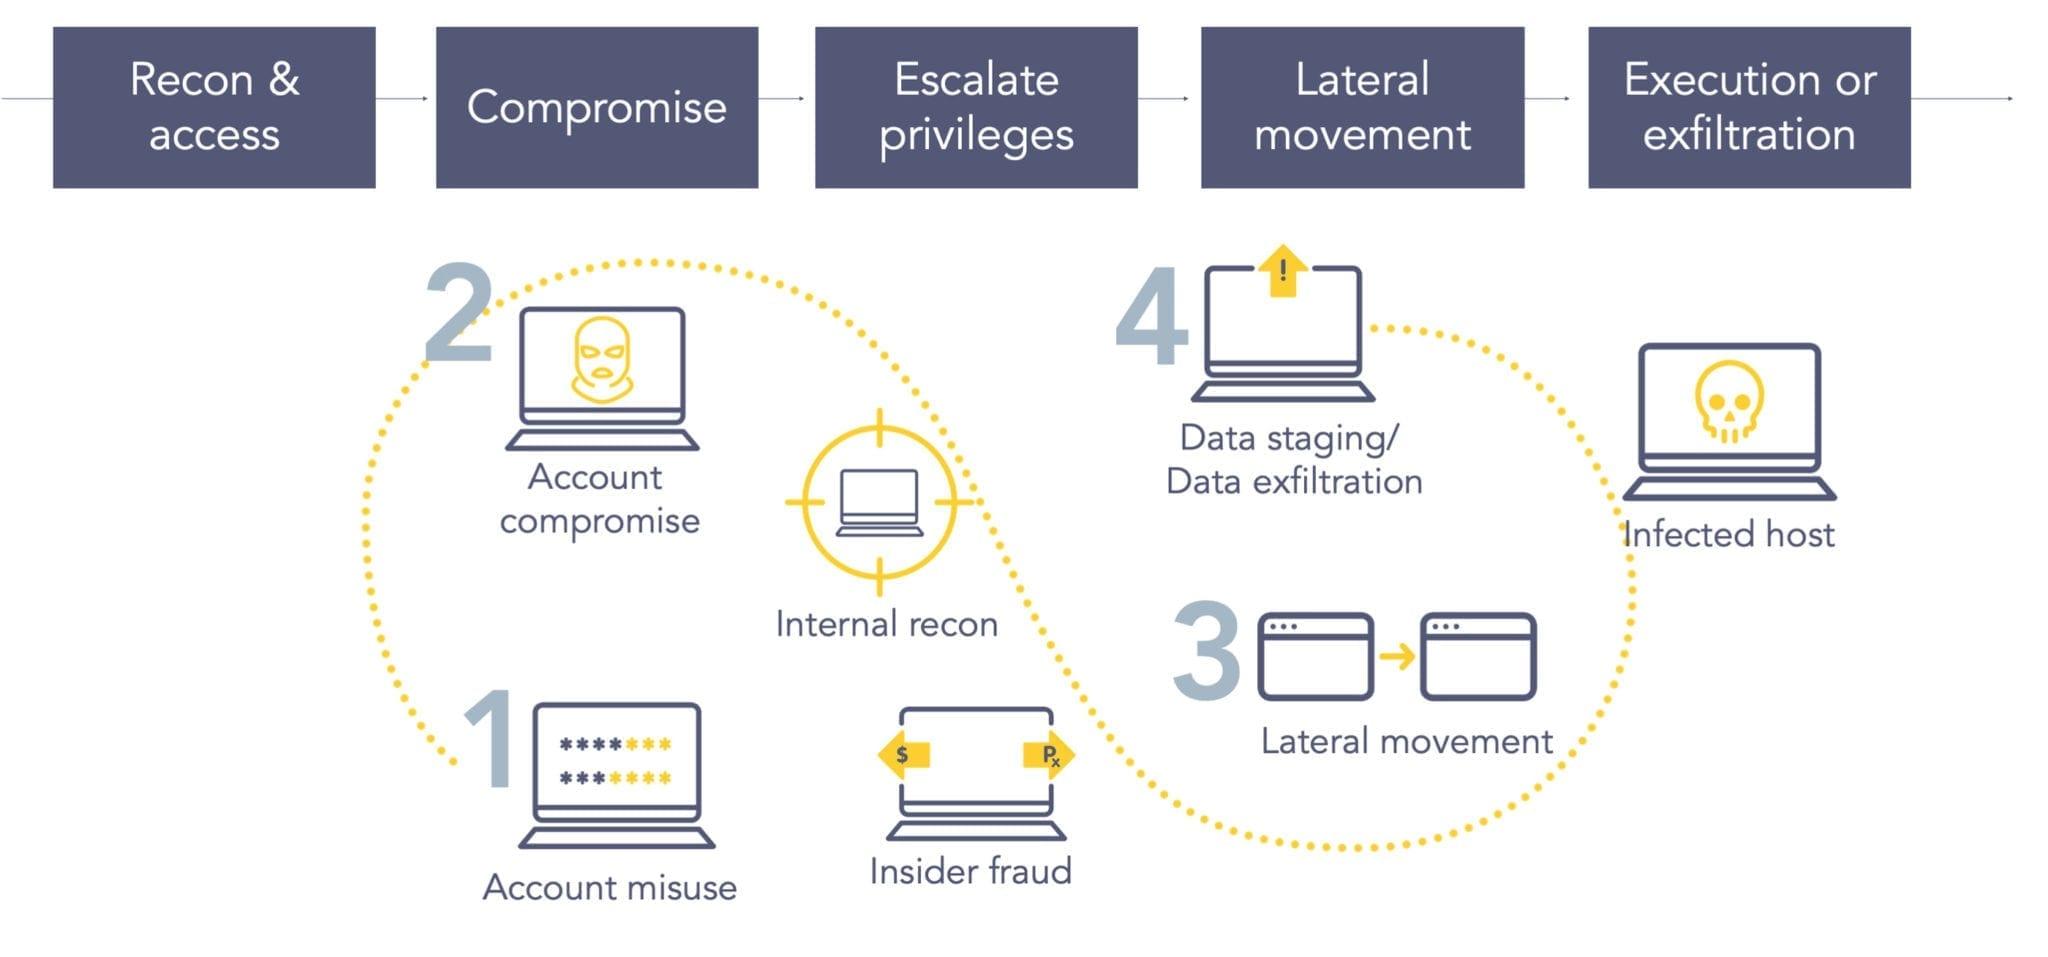 Step by step where does UEBA help